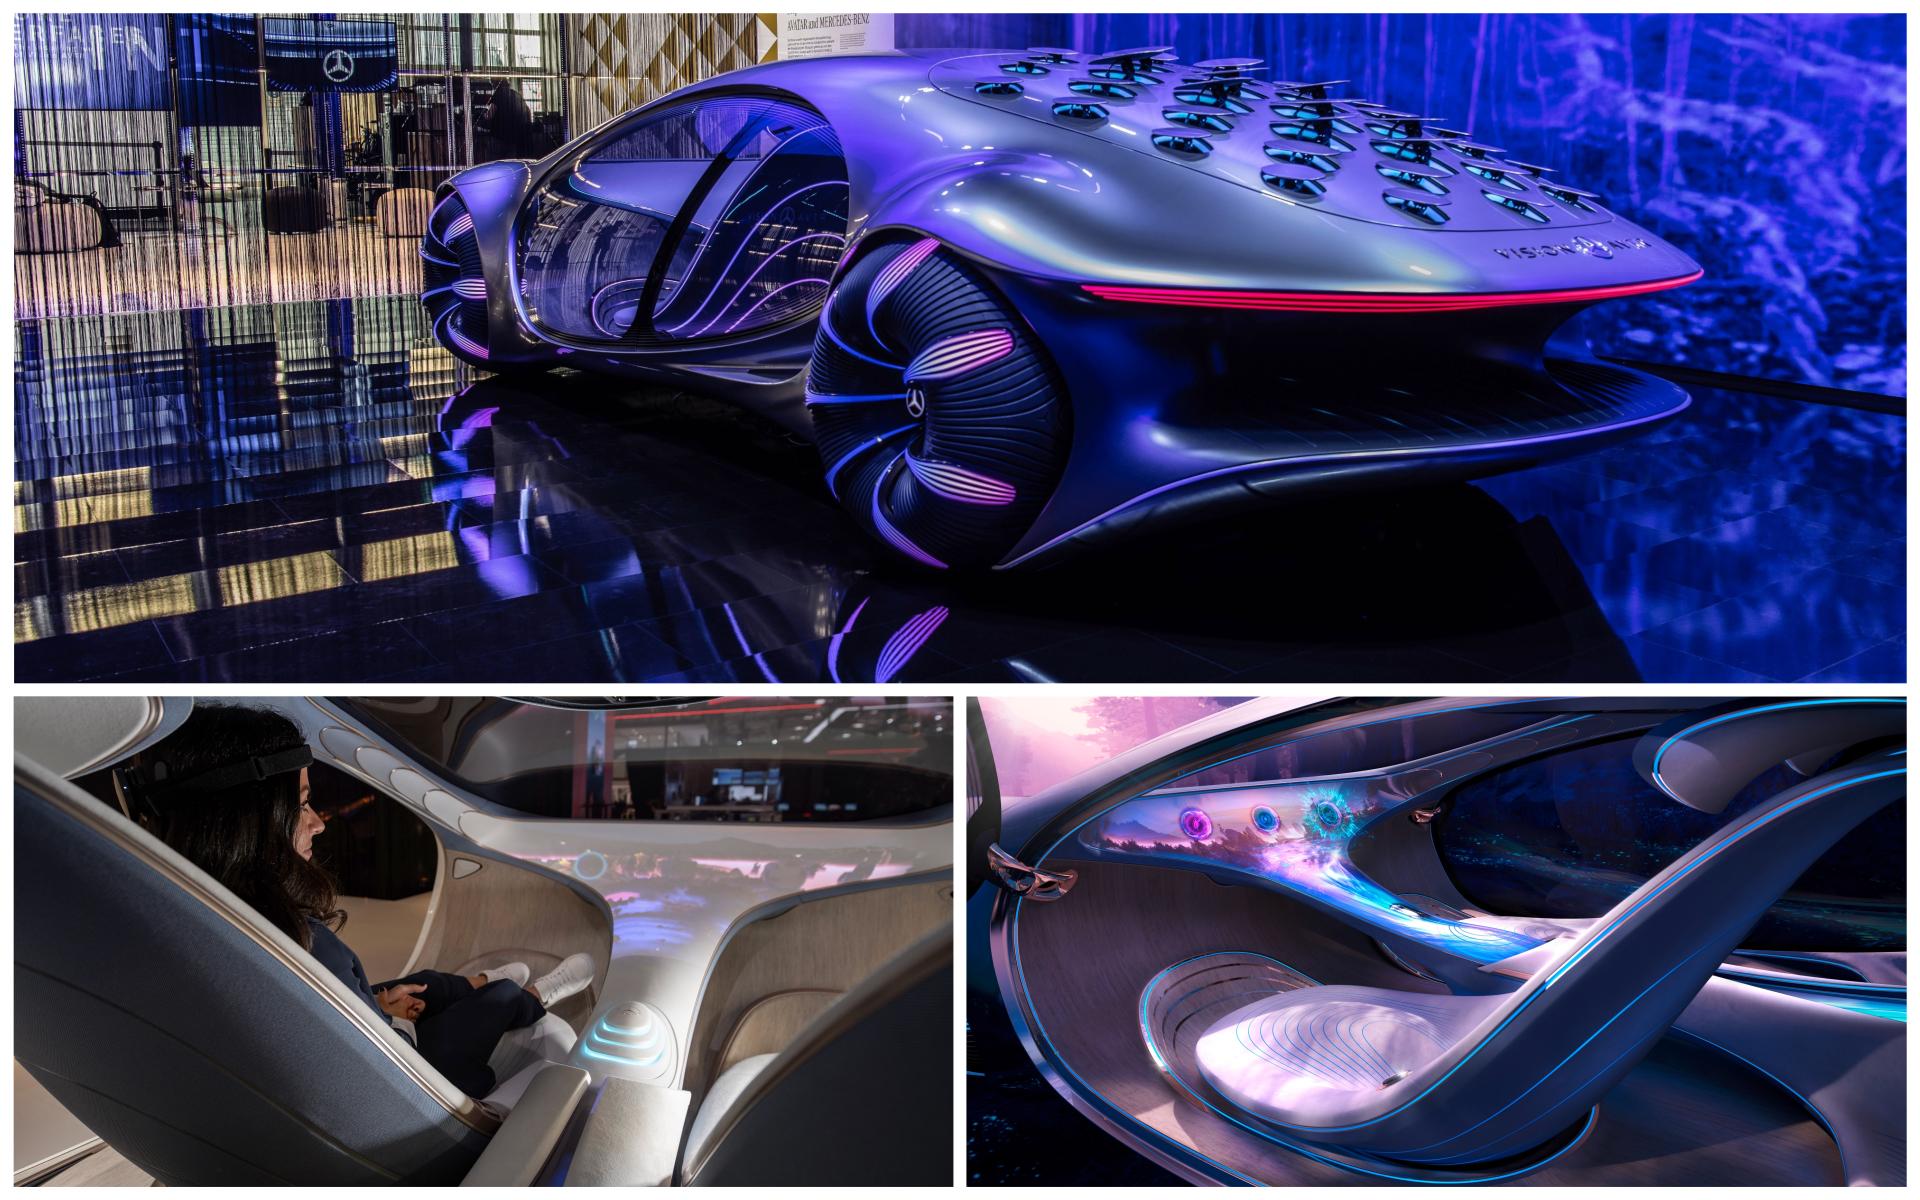 Salon del automovil de Munich - IAA 2021 - novedades - estrenos  - en directo - Mercedes AVTR